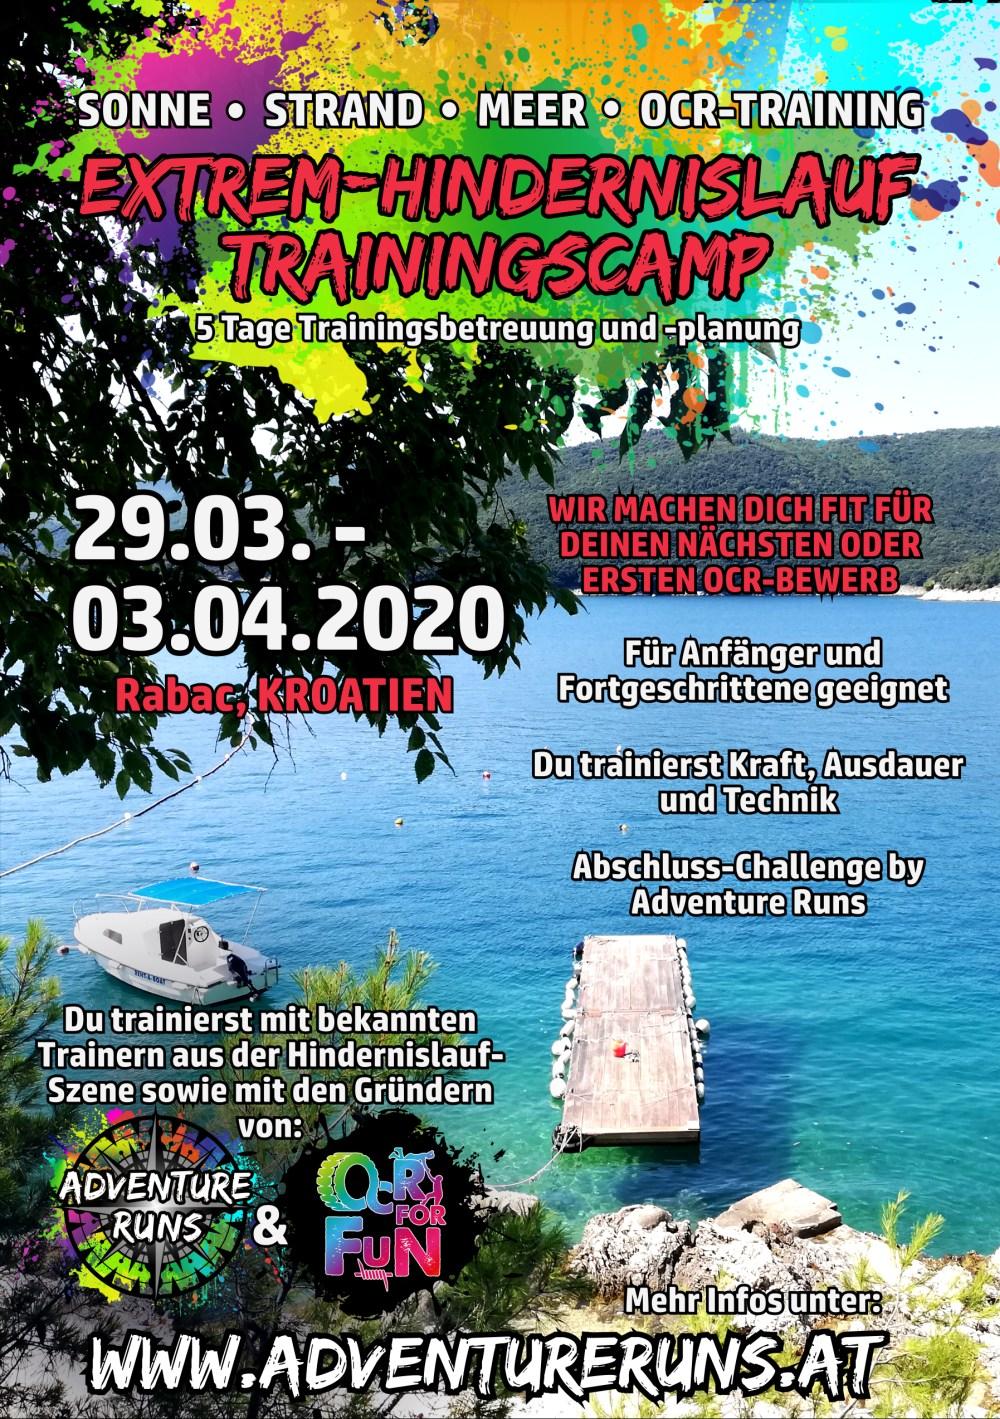 Trainings Camp Hindernislauf